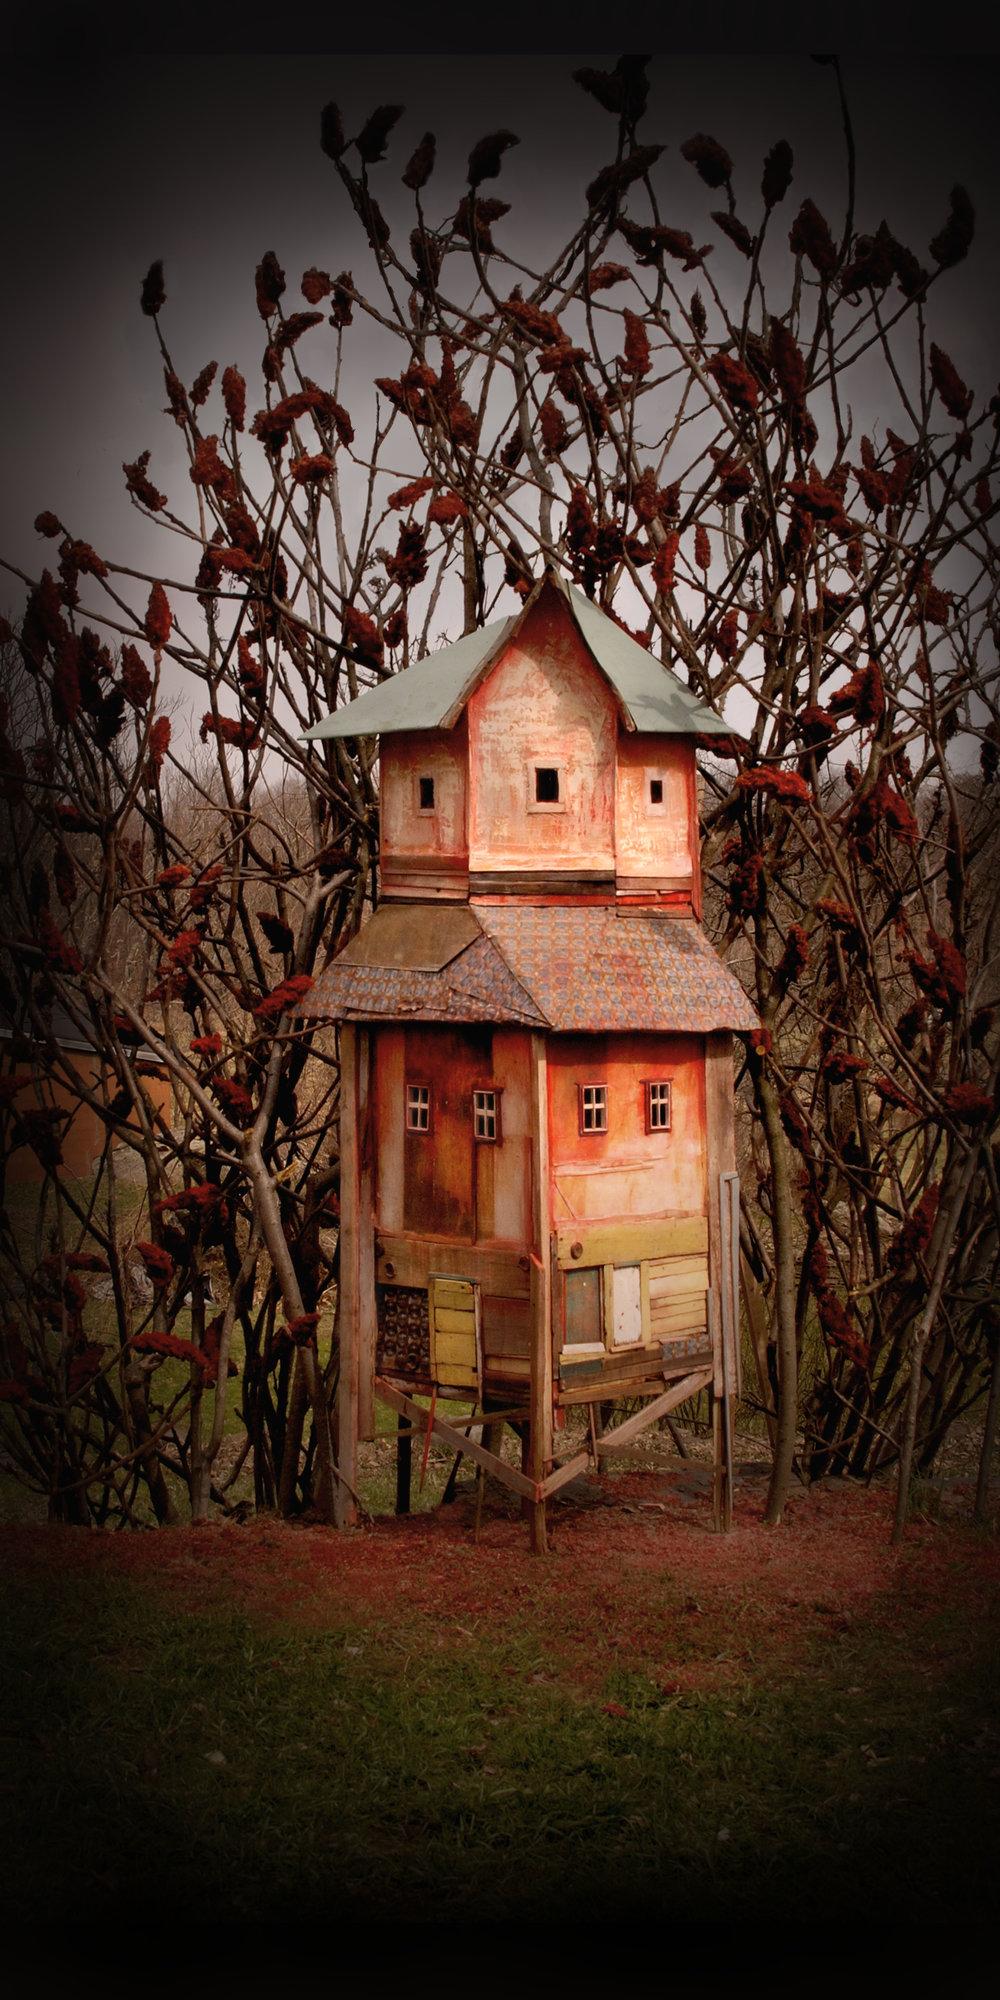 Amber Village, Photograph/Sculpture, 2008